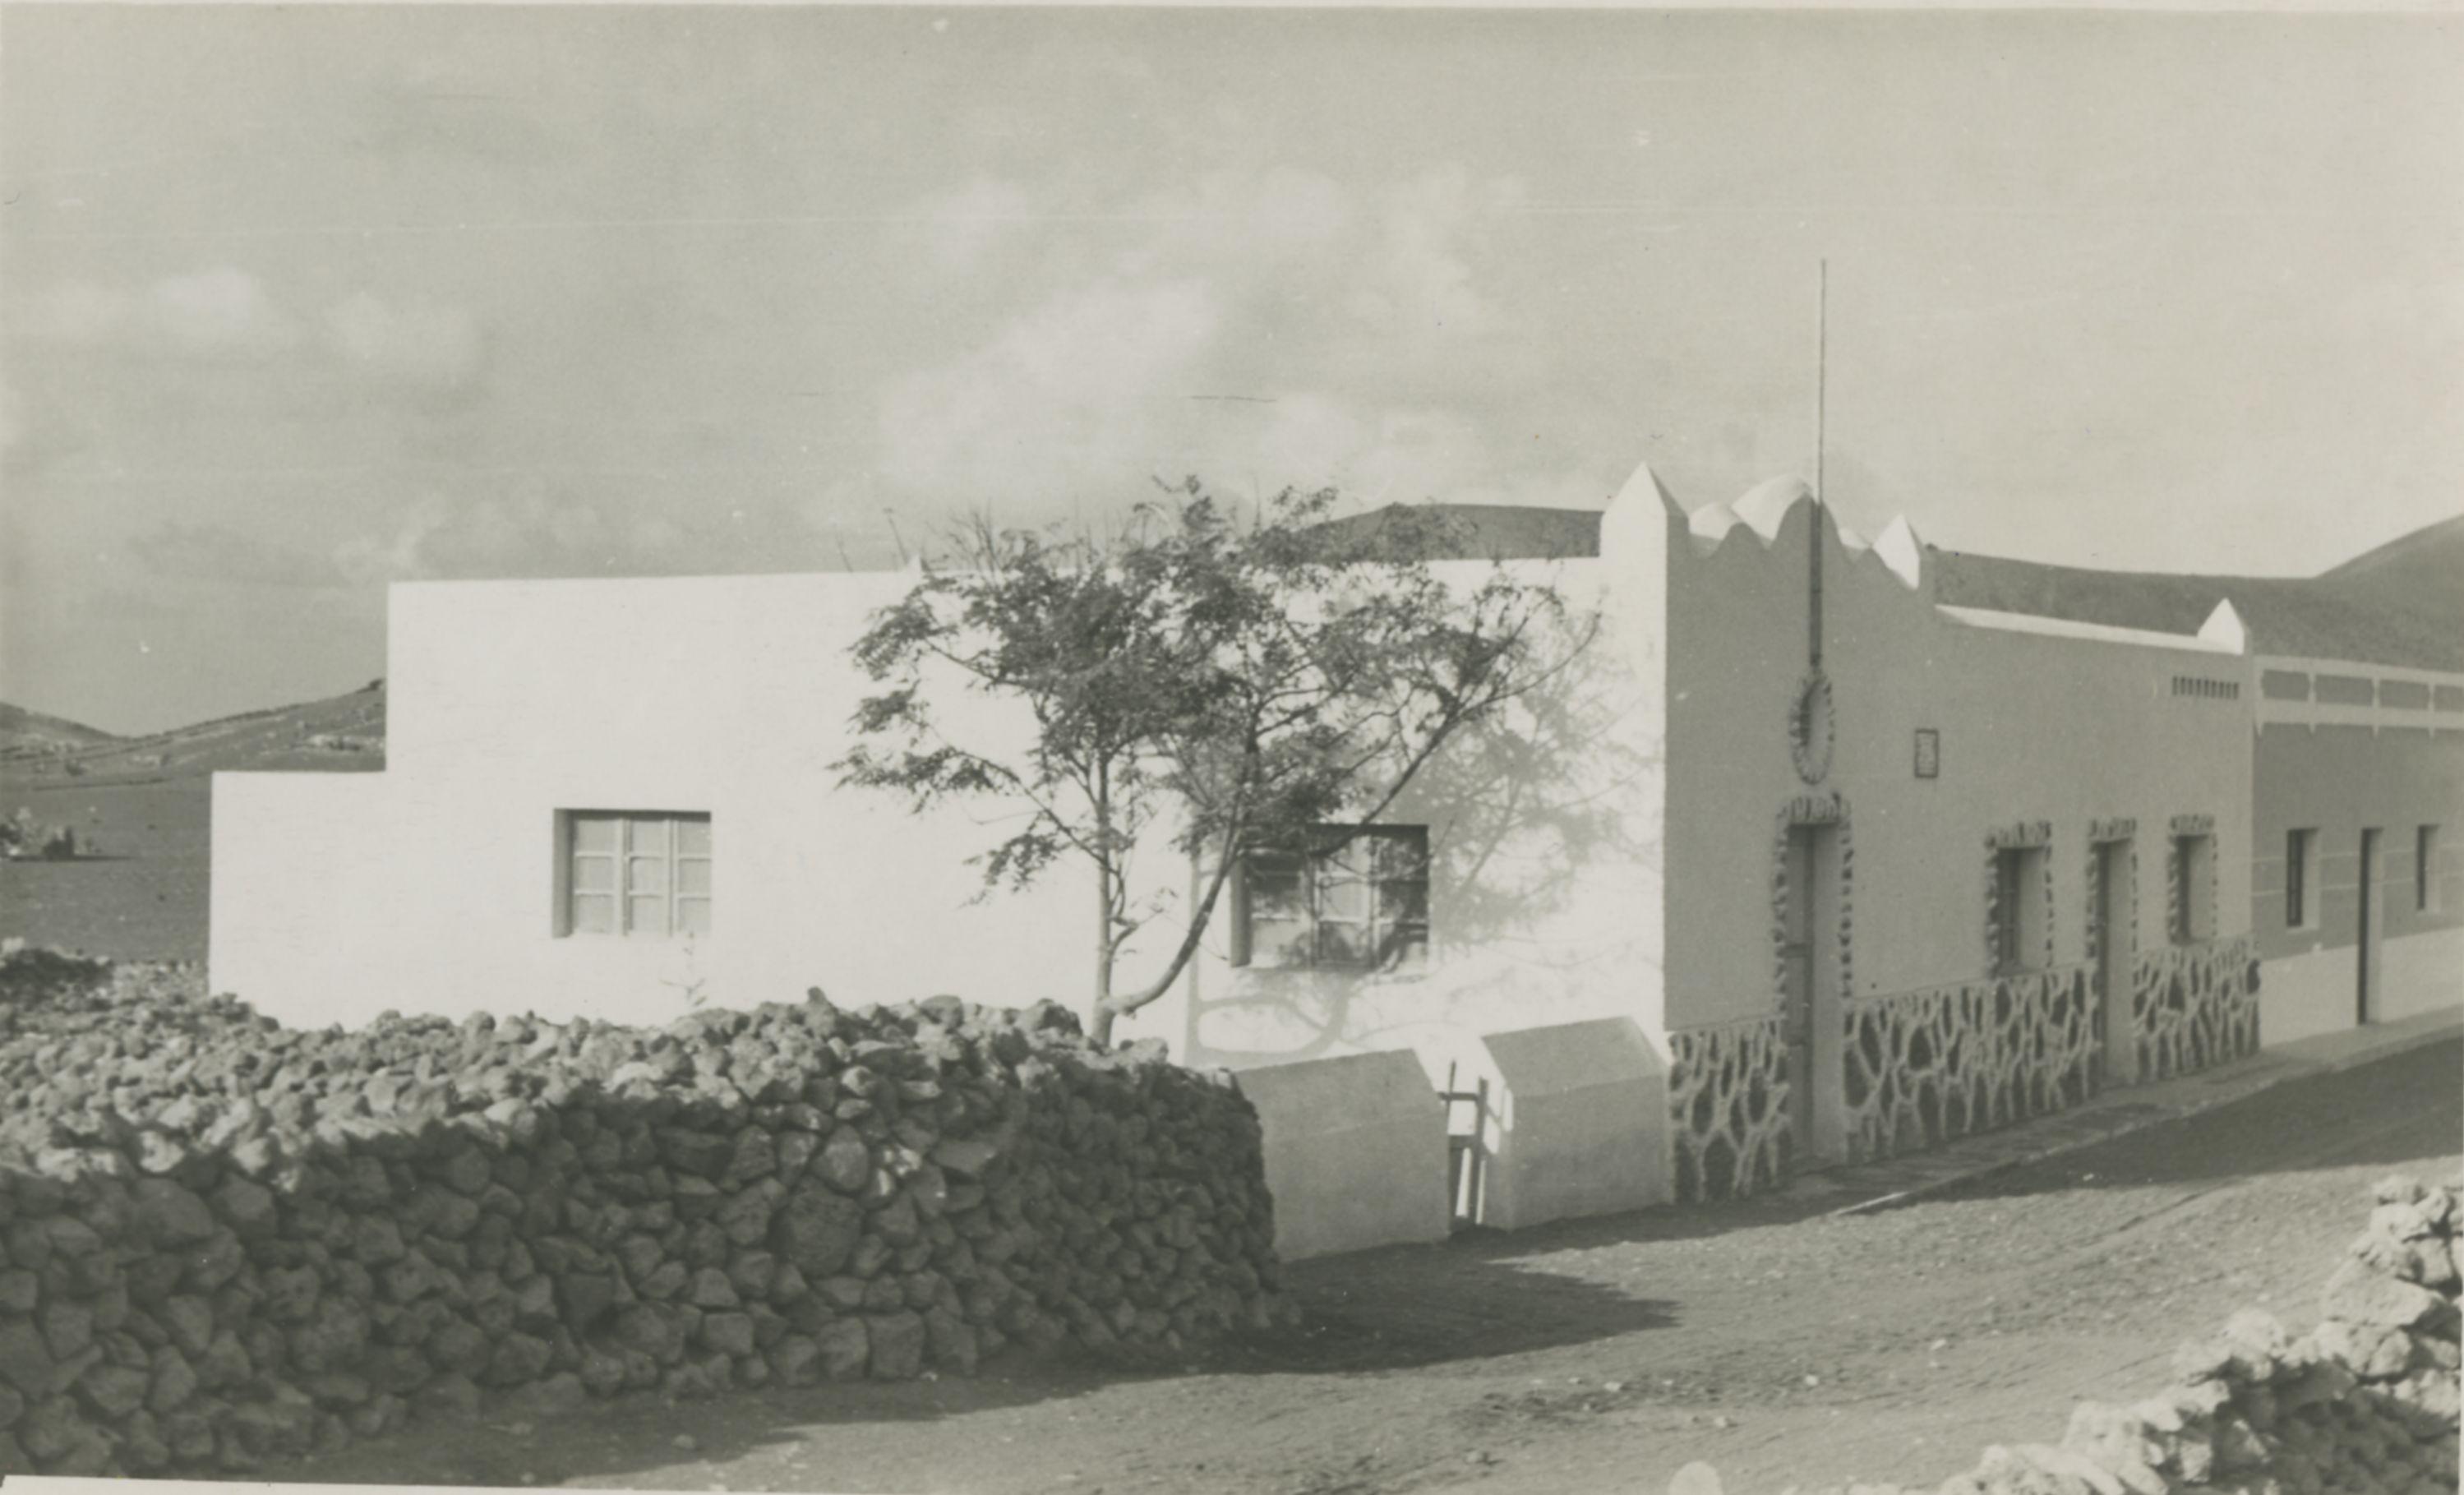 Escuela de La Vegueta IV